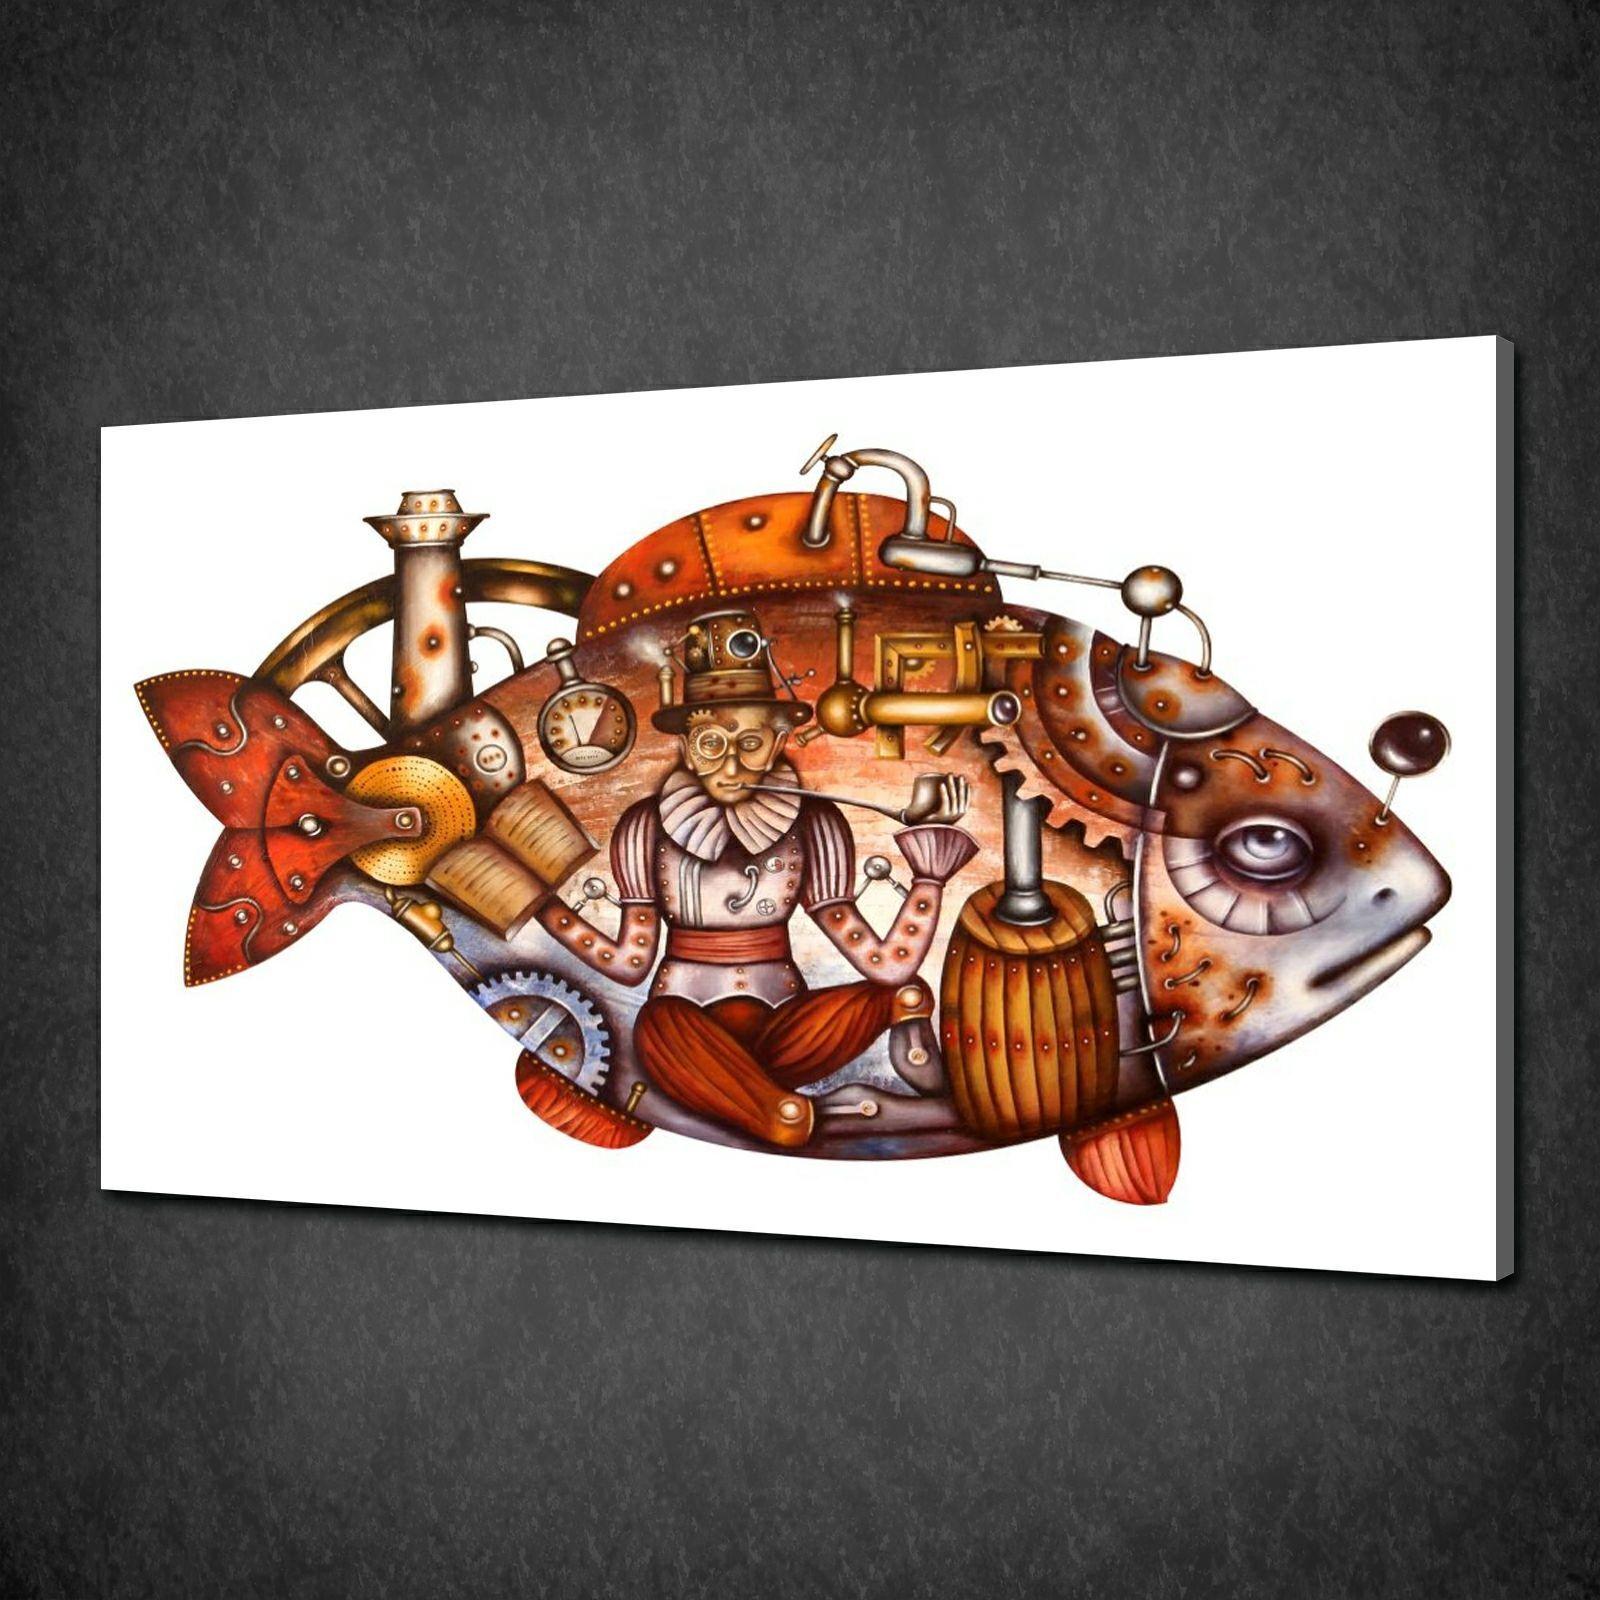 Design Astratto Tela di pesce steampunk stampa Foto Wall Art libero consegna veloce